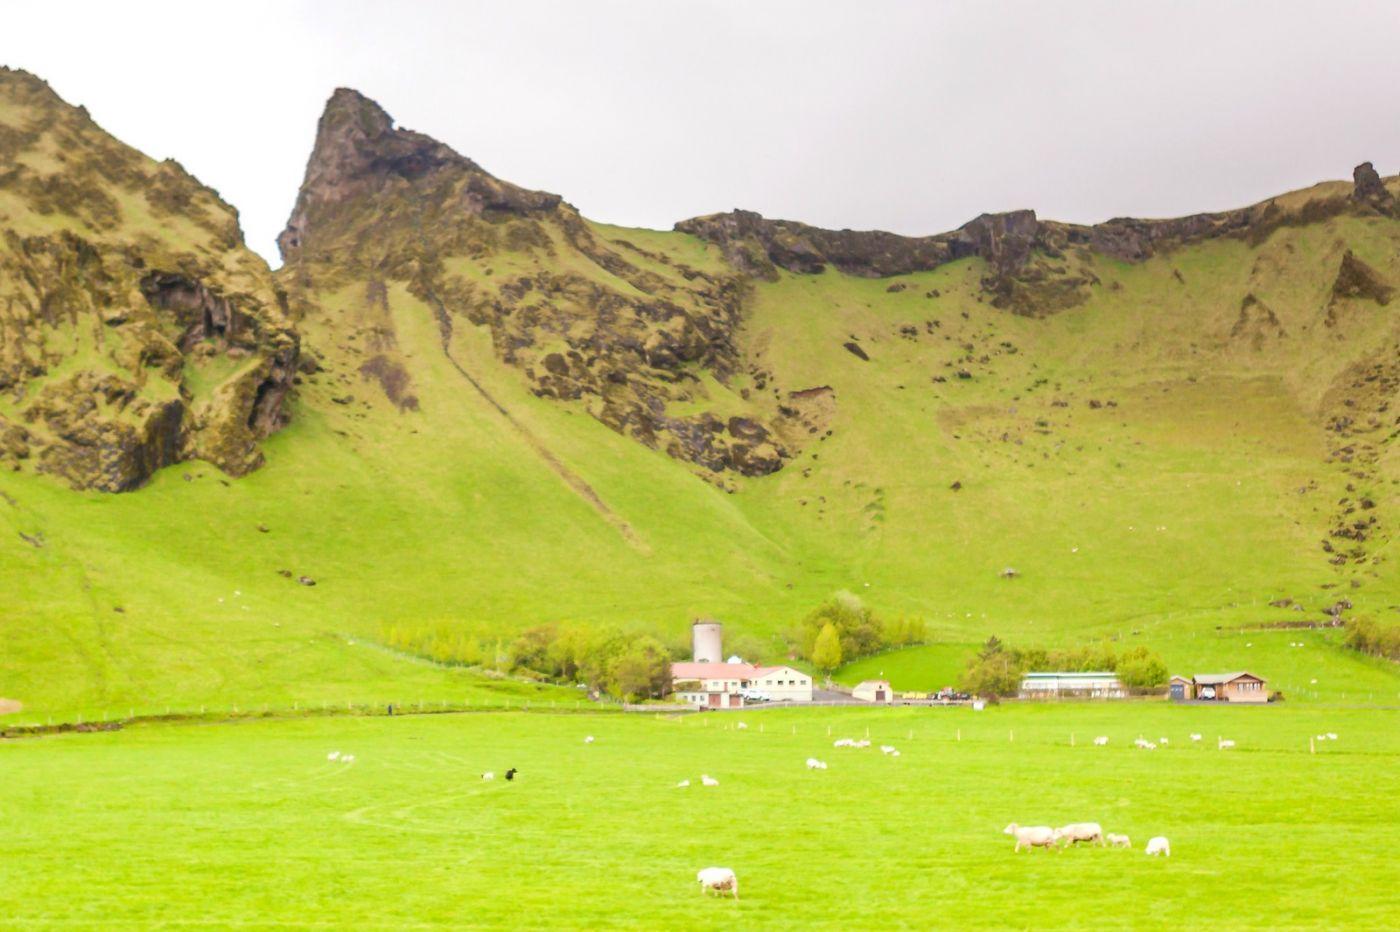 冰岛风采,奇山怪石_图1-19